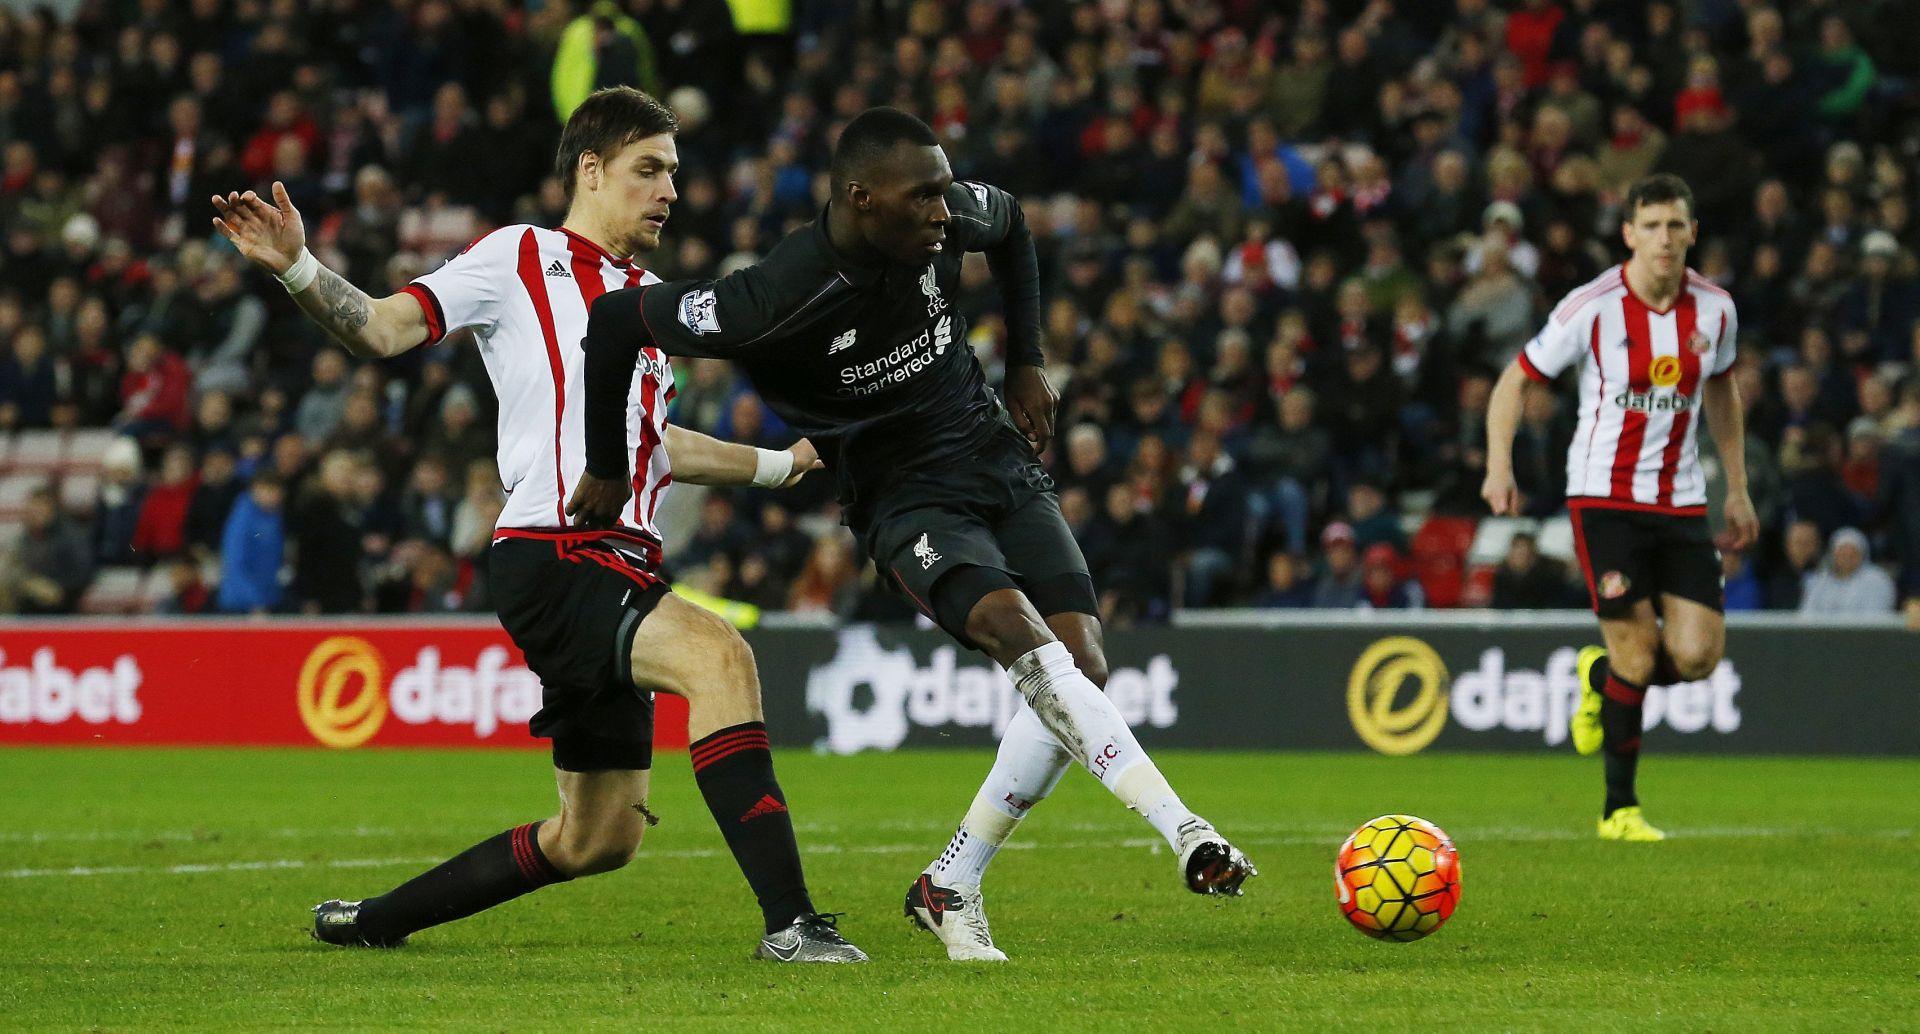 PREMIERSHIP Liverpool slavio protiv Sunderlanda, izjednačio se s Unitedom